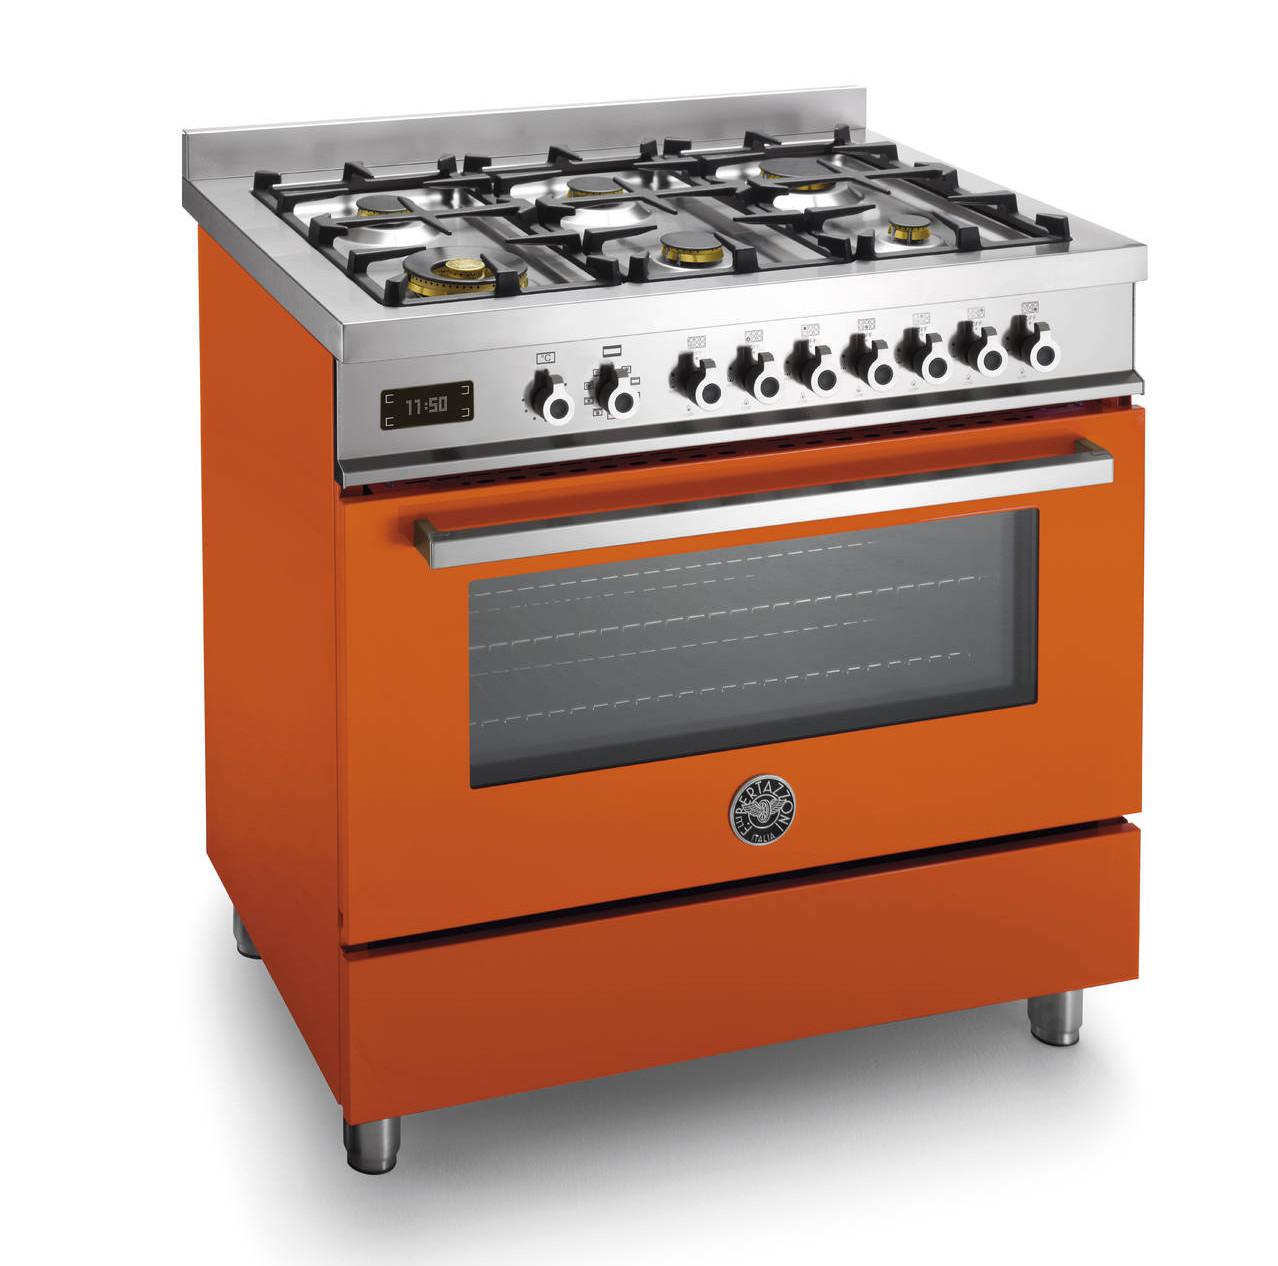 Serie Professional Bertazzoni La Germania colore arancio 2015 forno